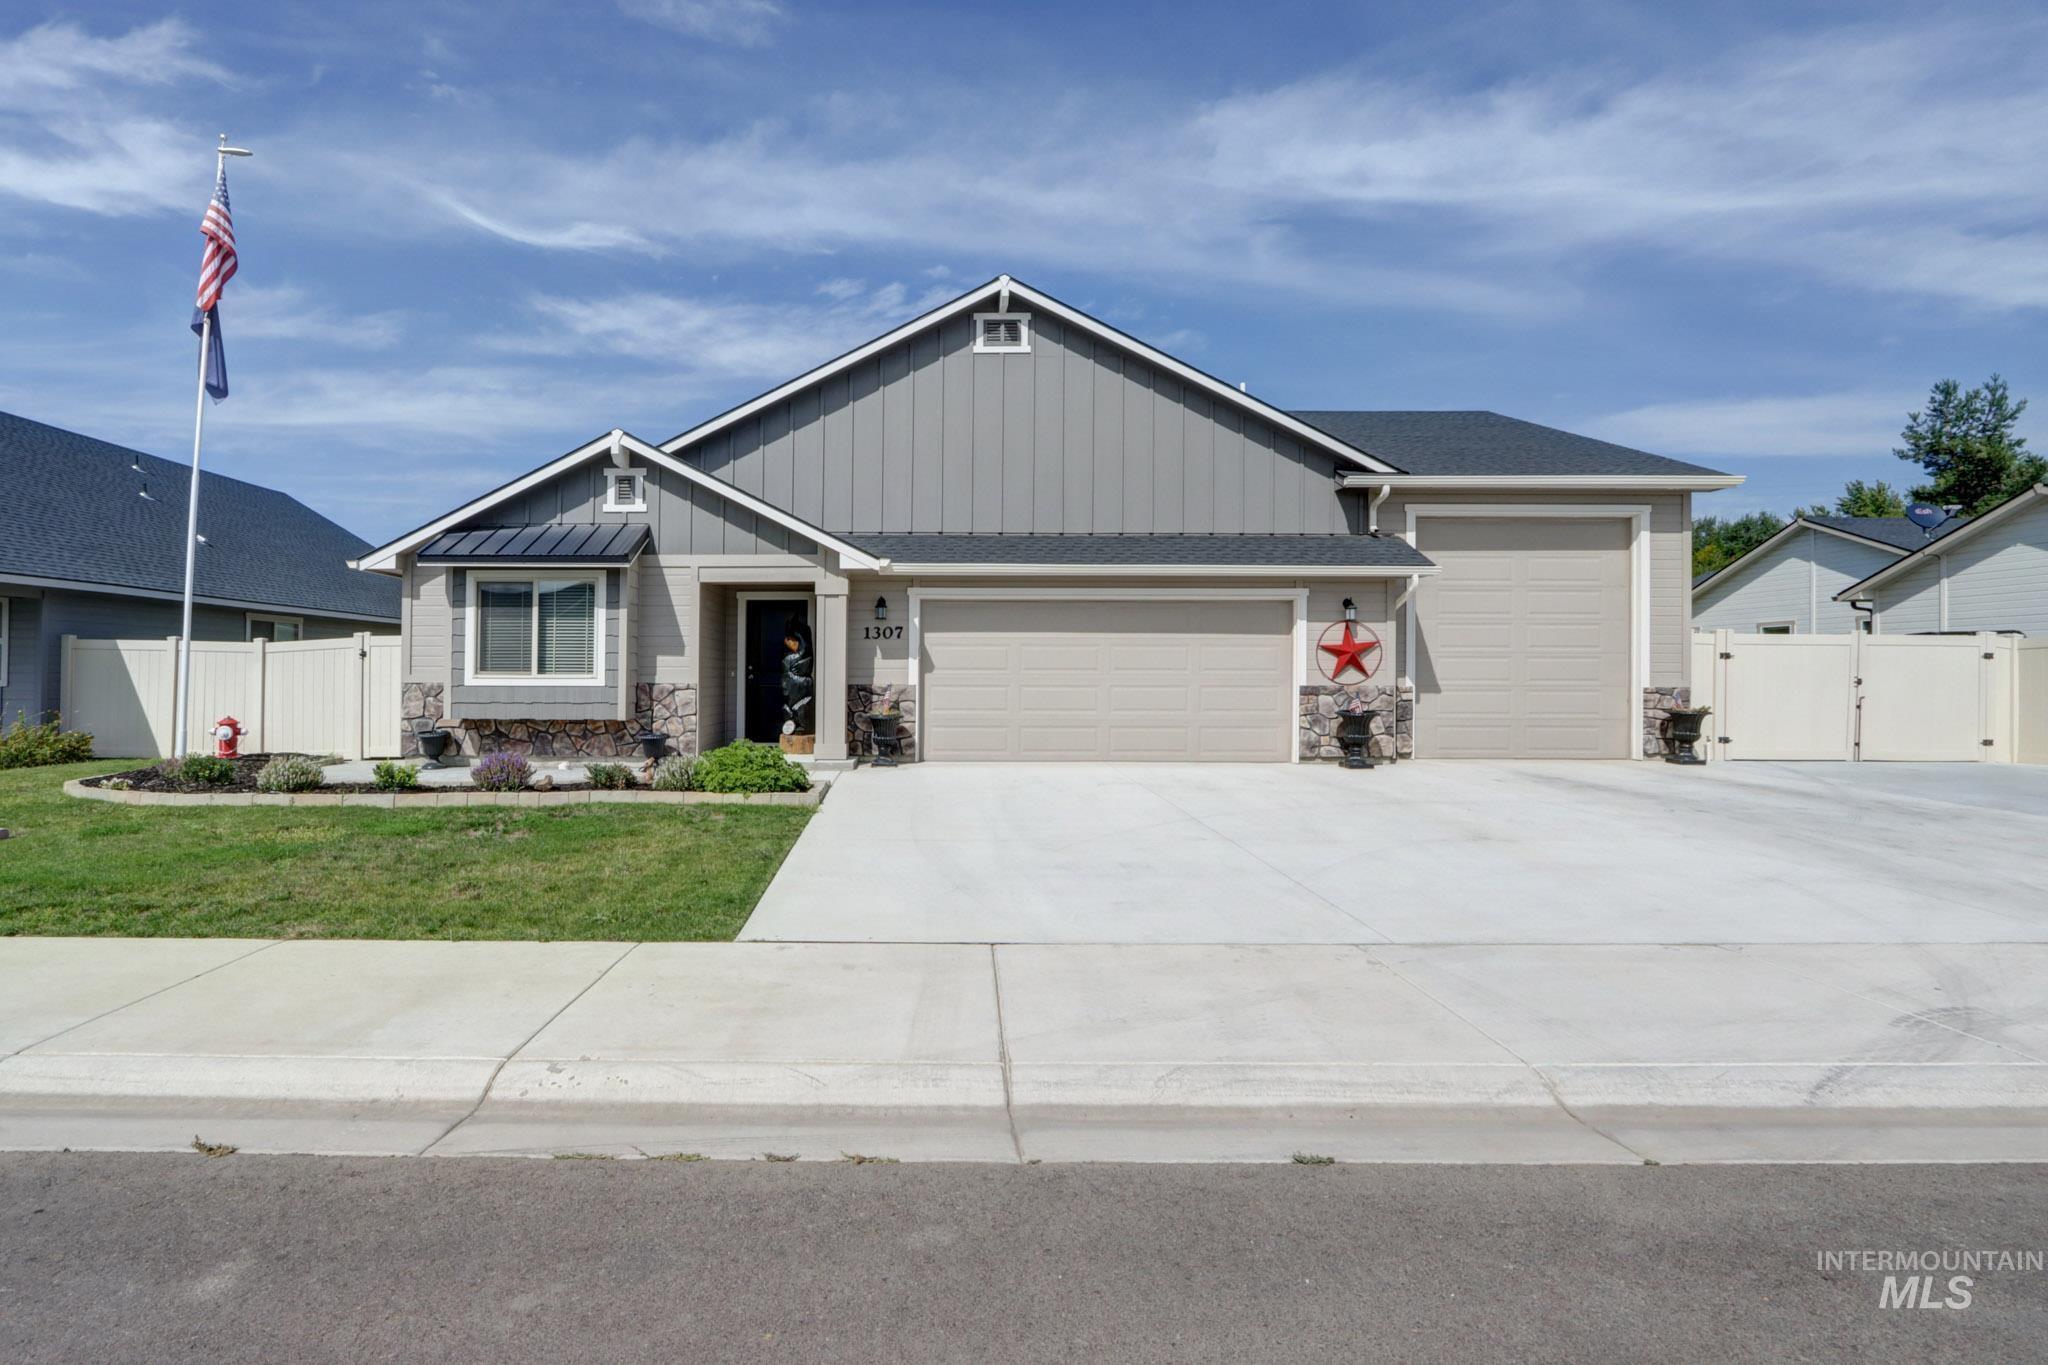 1307 Cottonwood Dr Property Photo